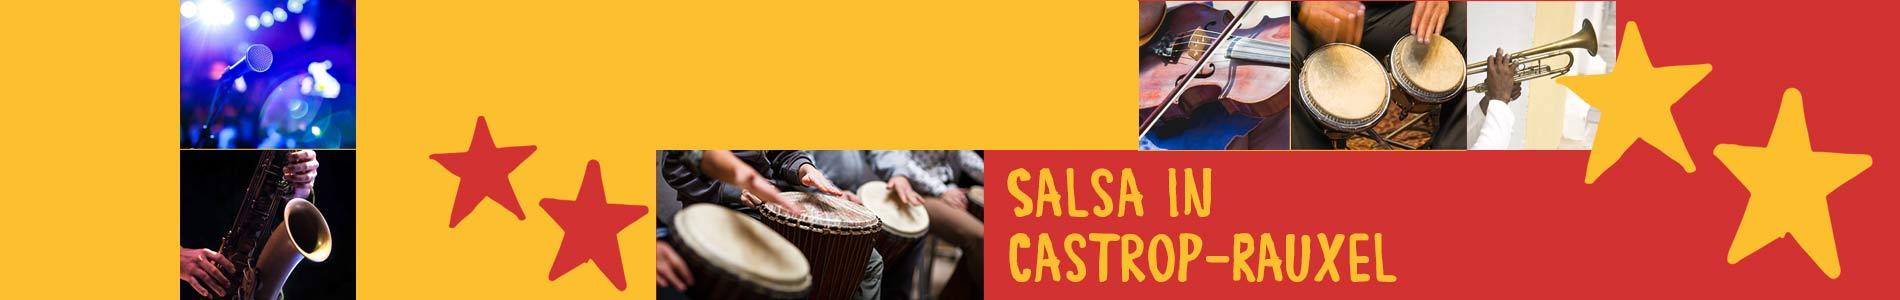 Salsa in Castrop-Rauxel – Salsa lernen und tanzen, Tanzkurse, Partys, Veranstaltungen